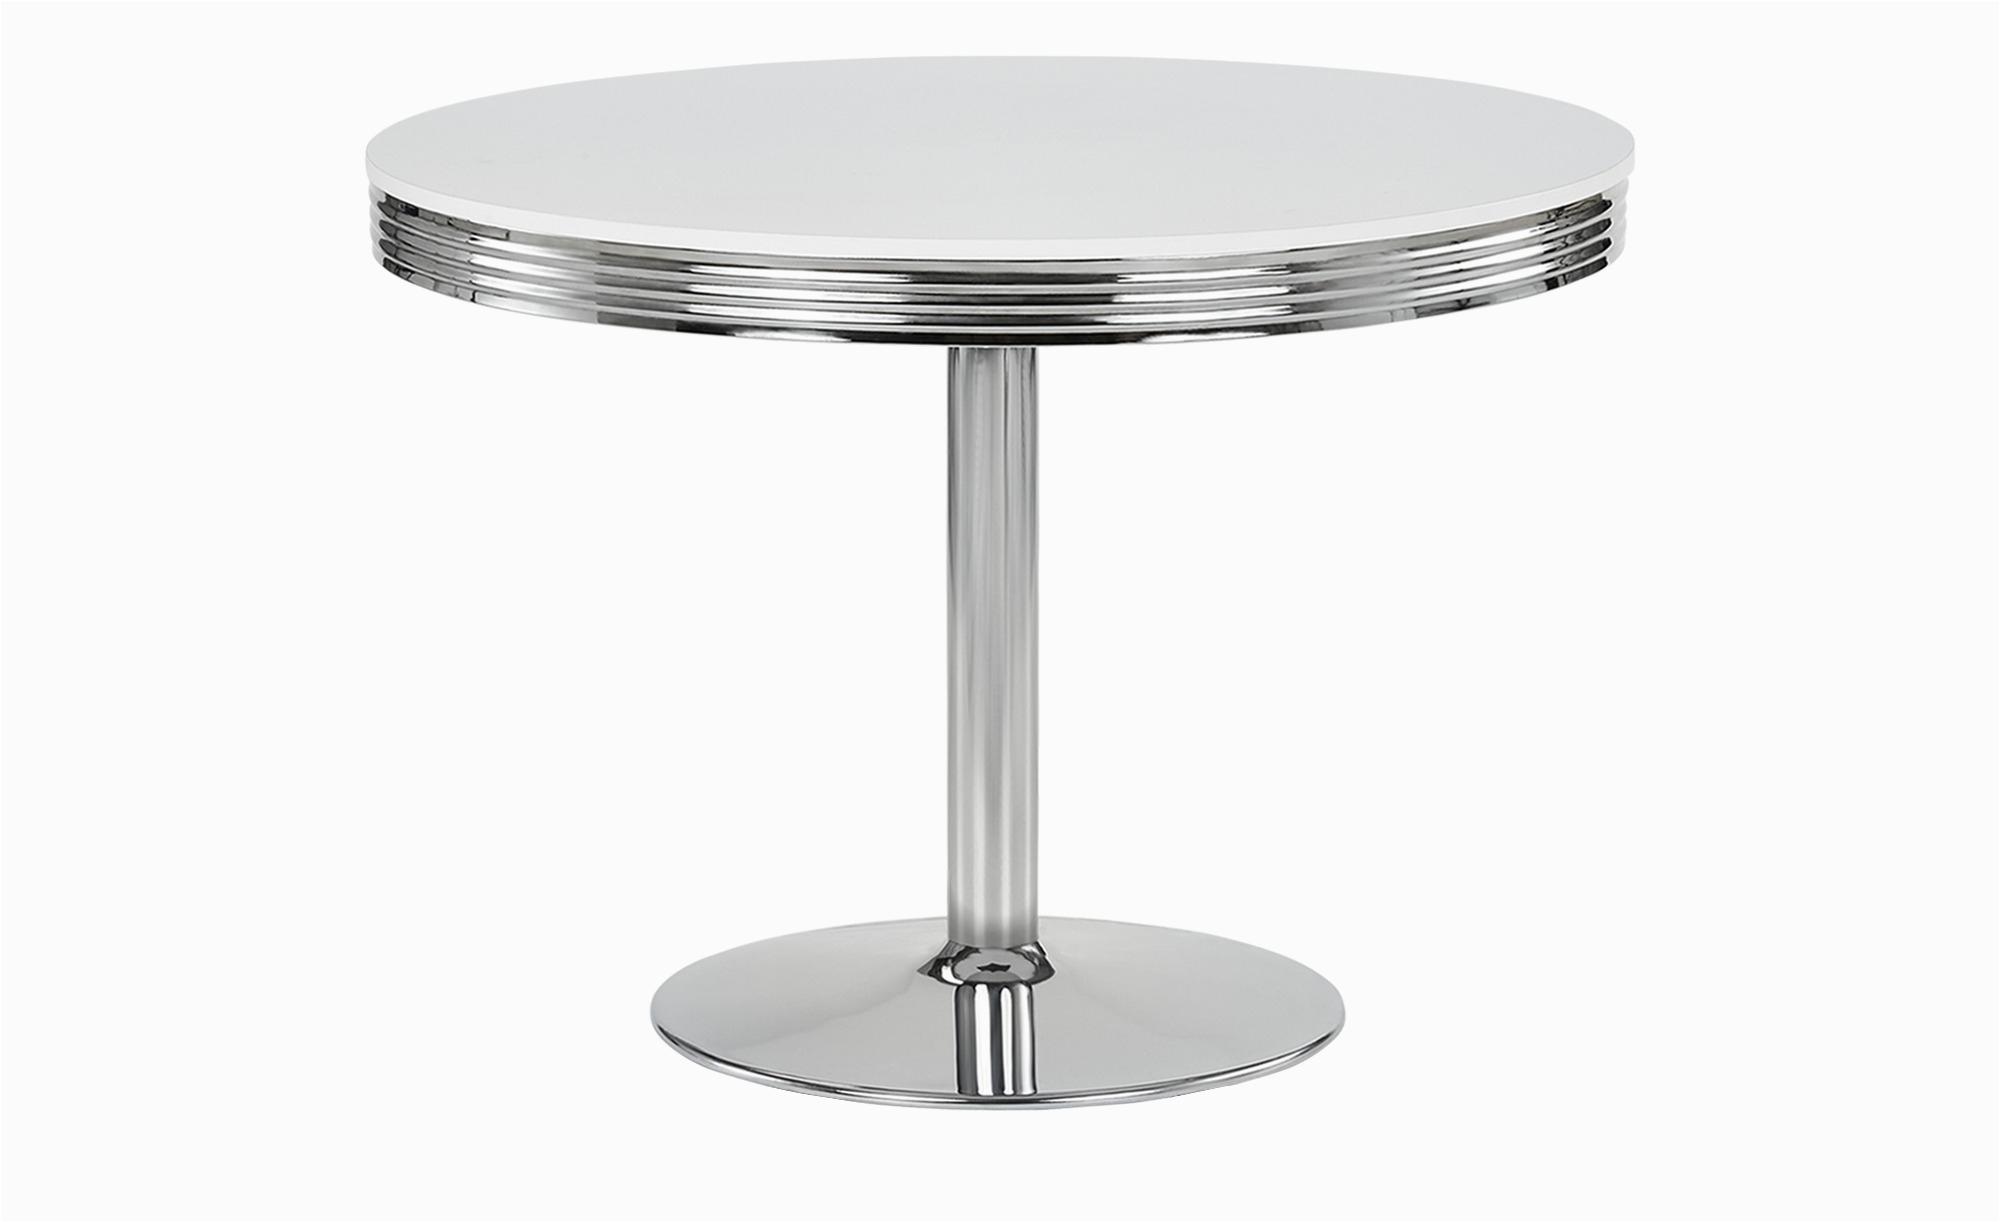 Küchentisch Rund 100 Cm Kaufen Esstisch Rund 100 Cm Beautiful Bild Tisch Glastisch